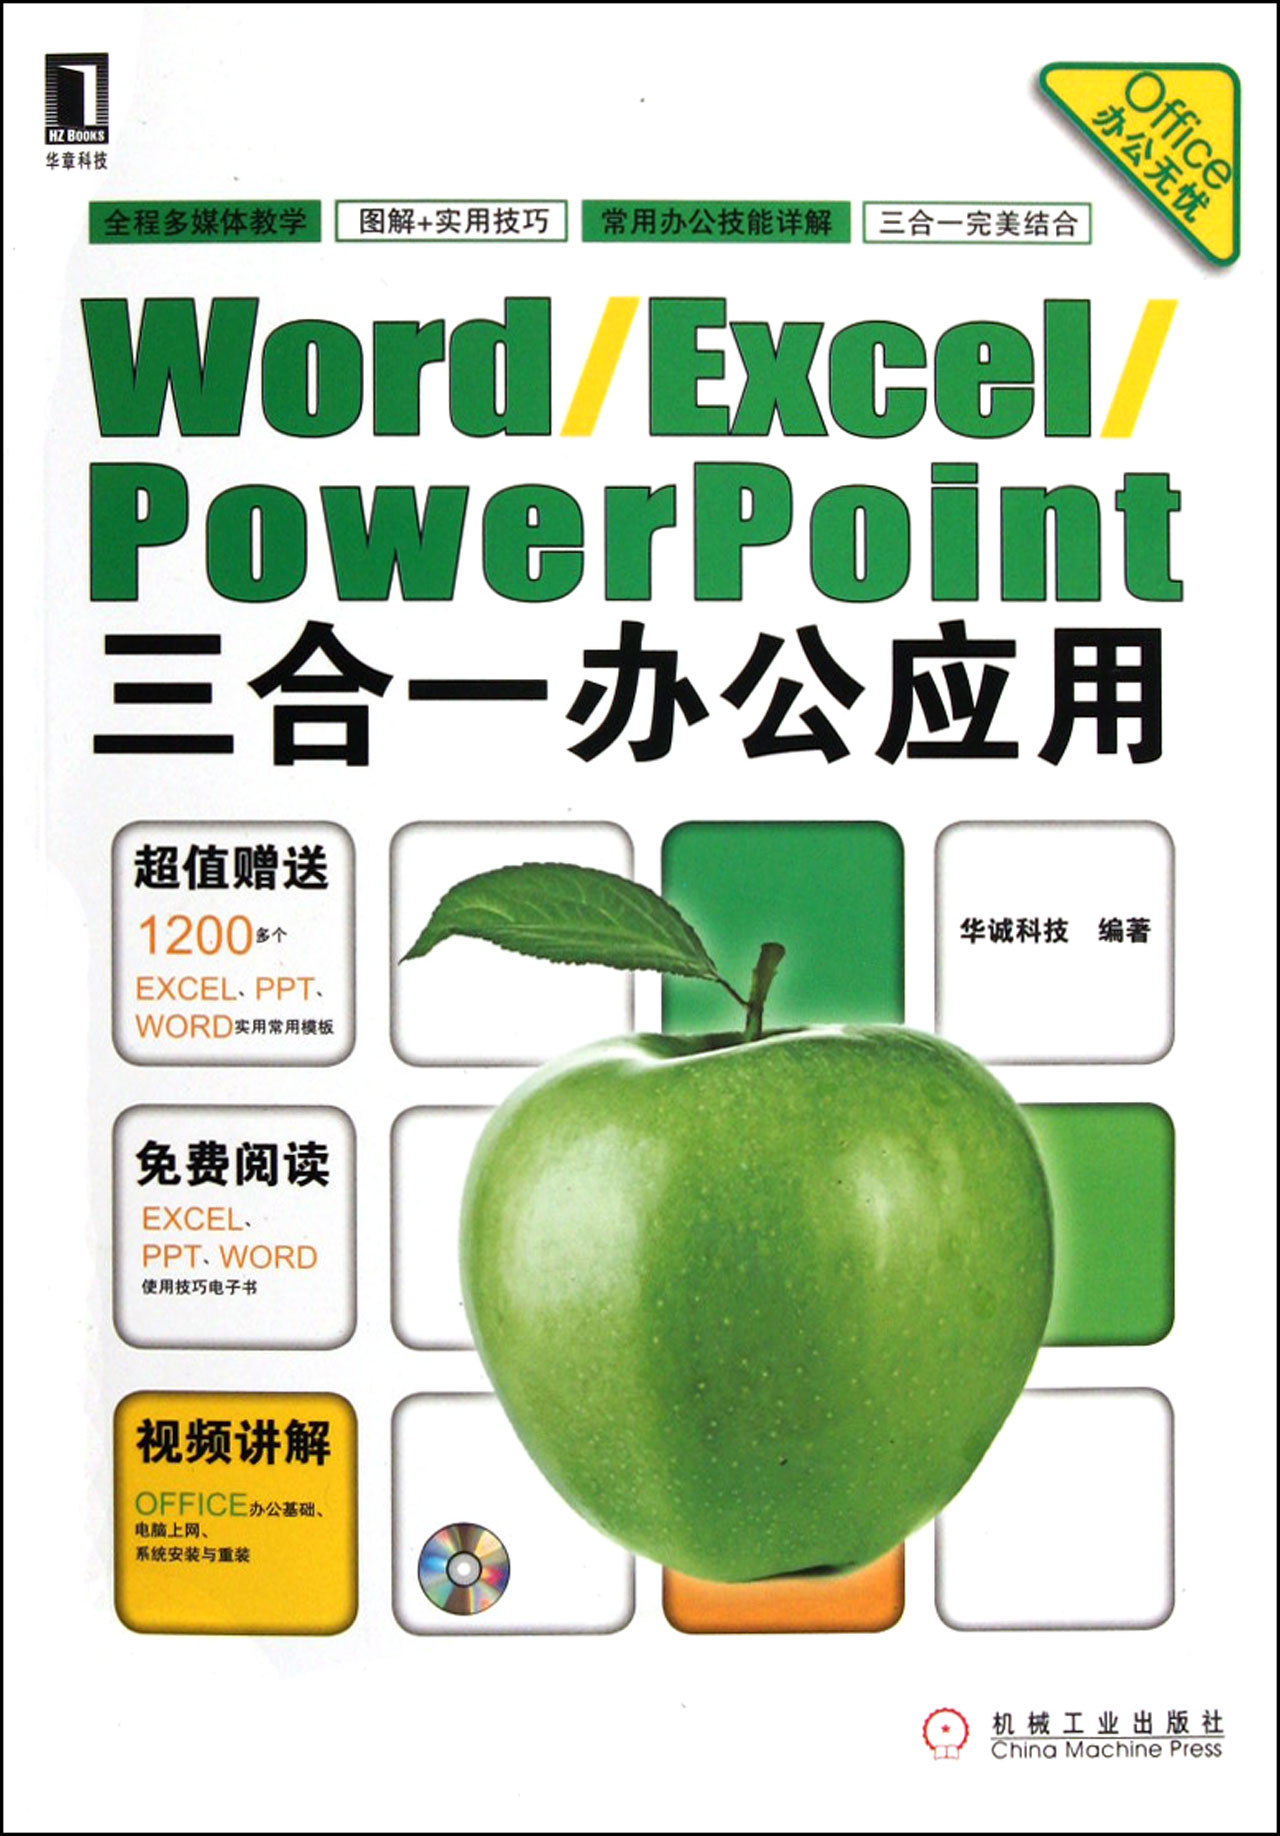 wordexcelpowerpoint三合一办公应用(附光盘)